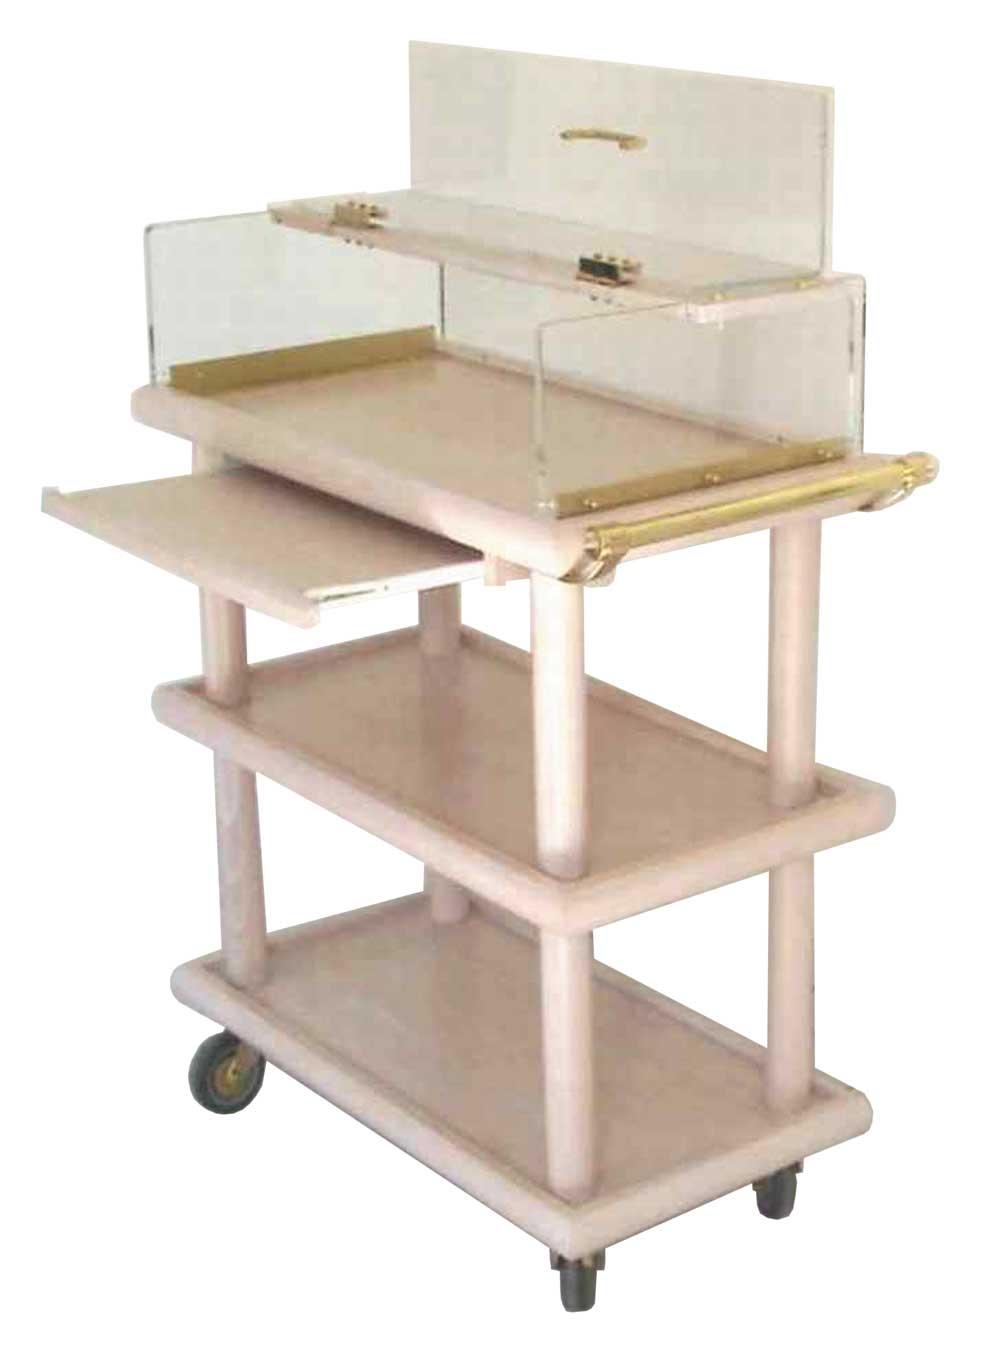 Table à fromages et desserts petit modèle SILOG